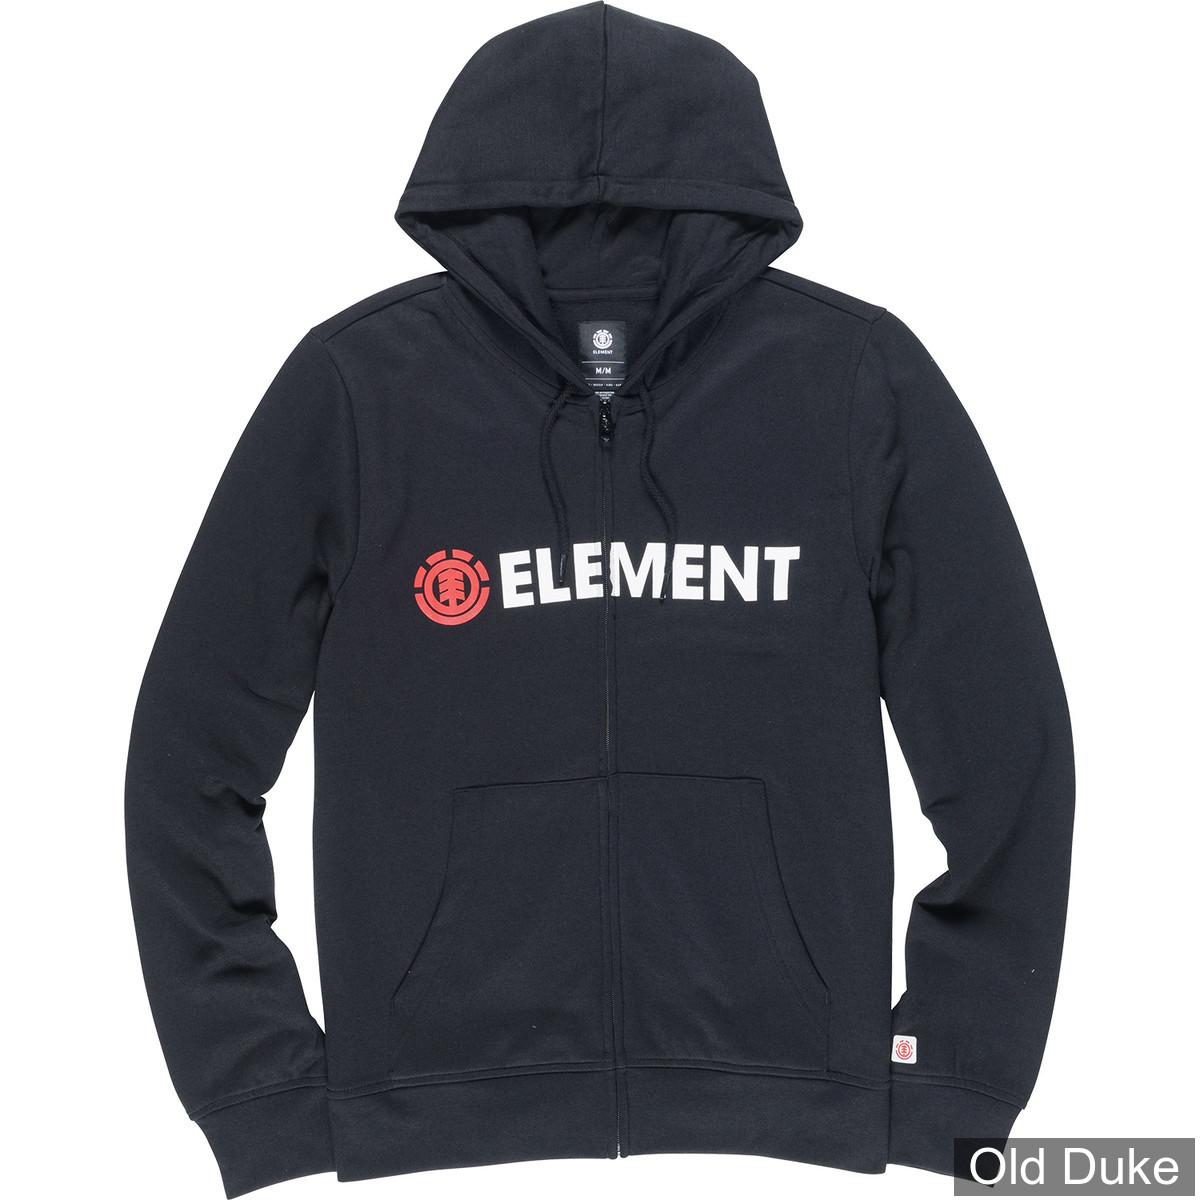 SWEAT SHIRT ZIPPE A CAPUCHE - ELEMENT - BLAZIN ZH - BLACK / NOIR - TAILLE  : S